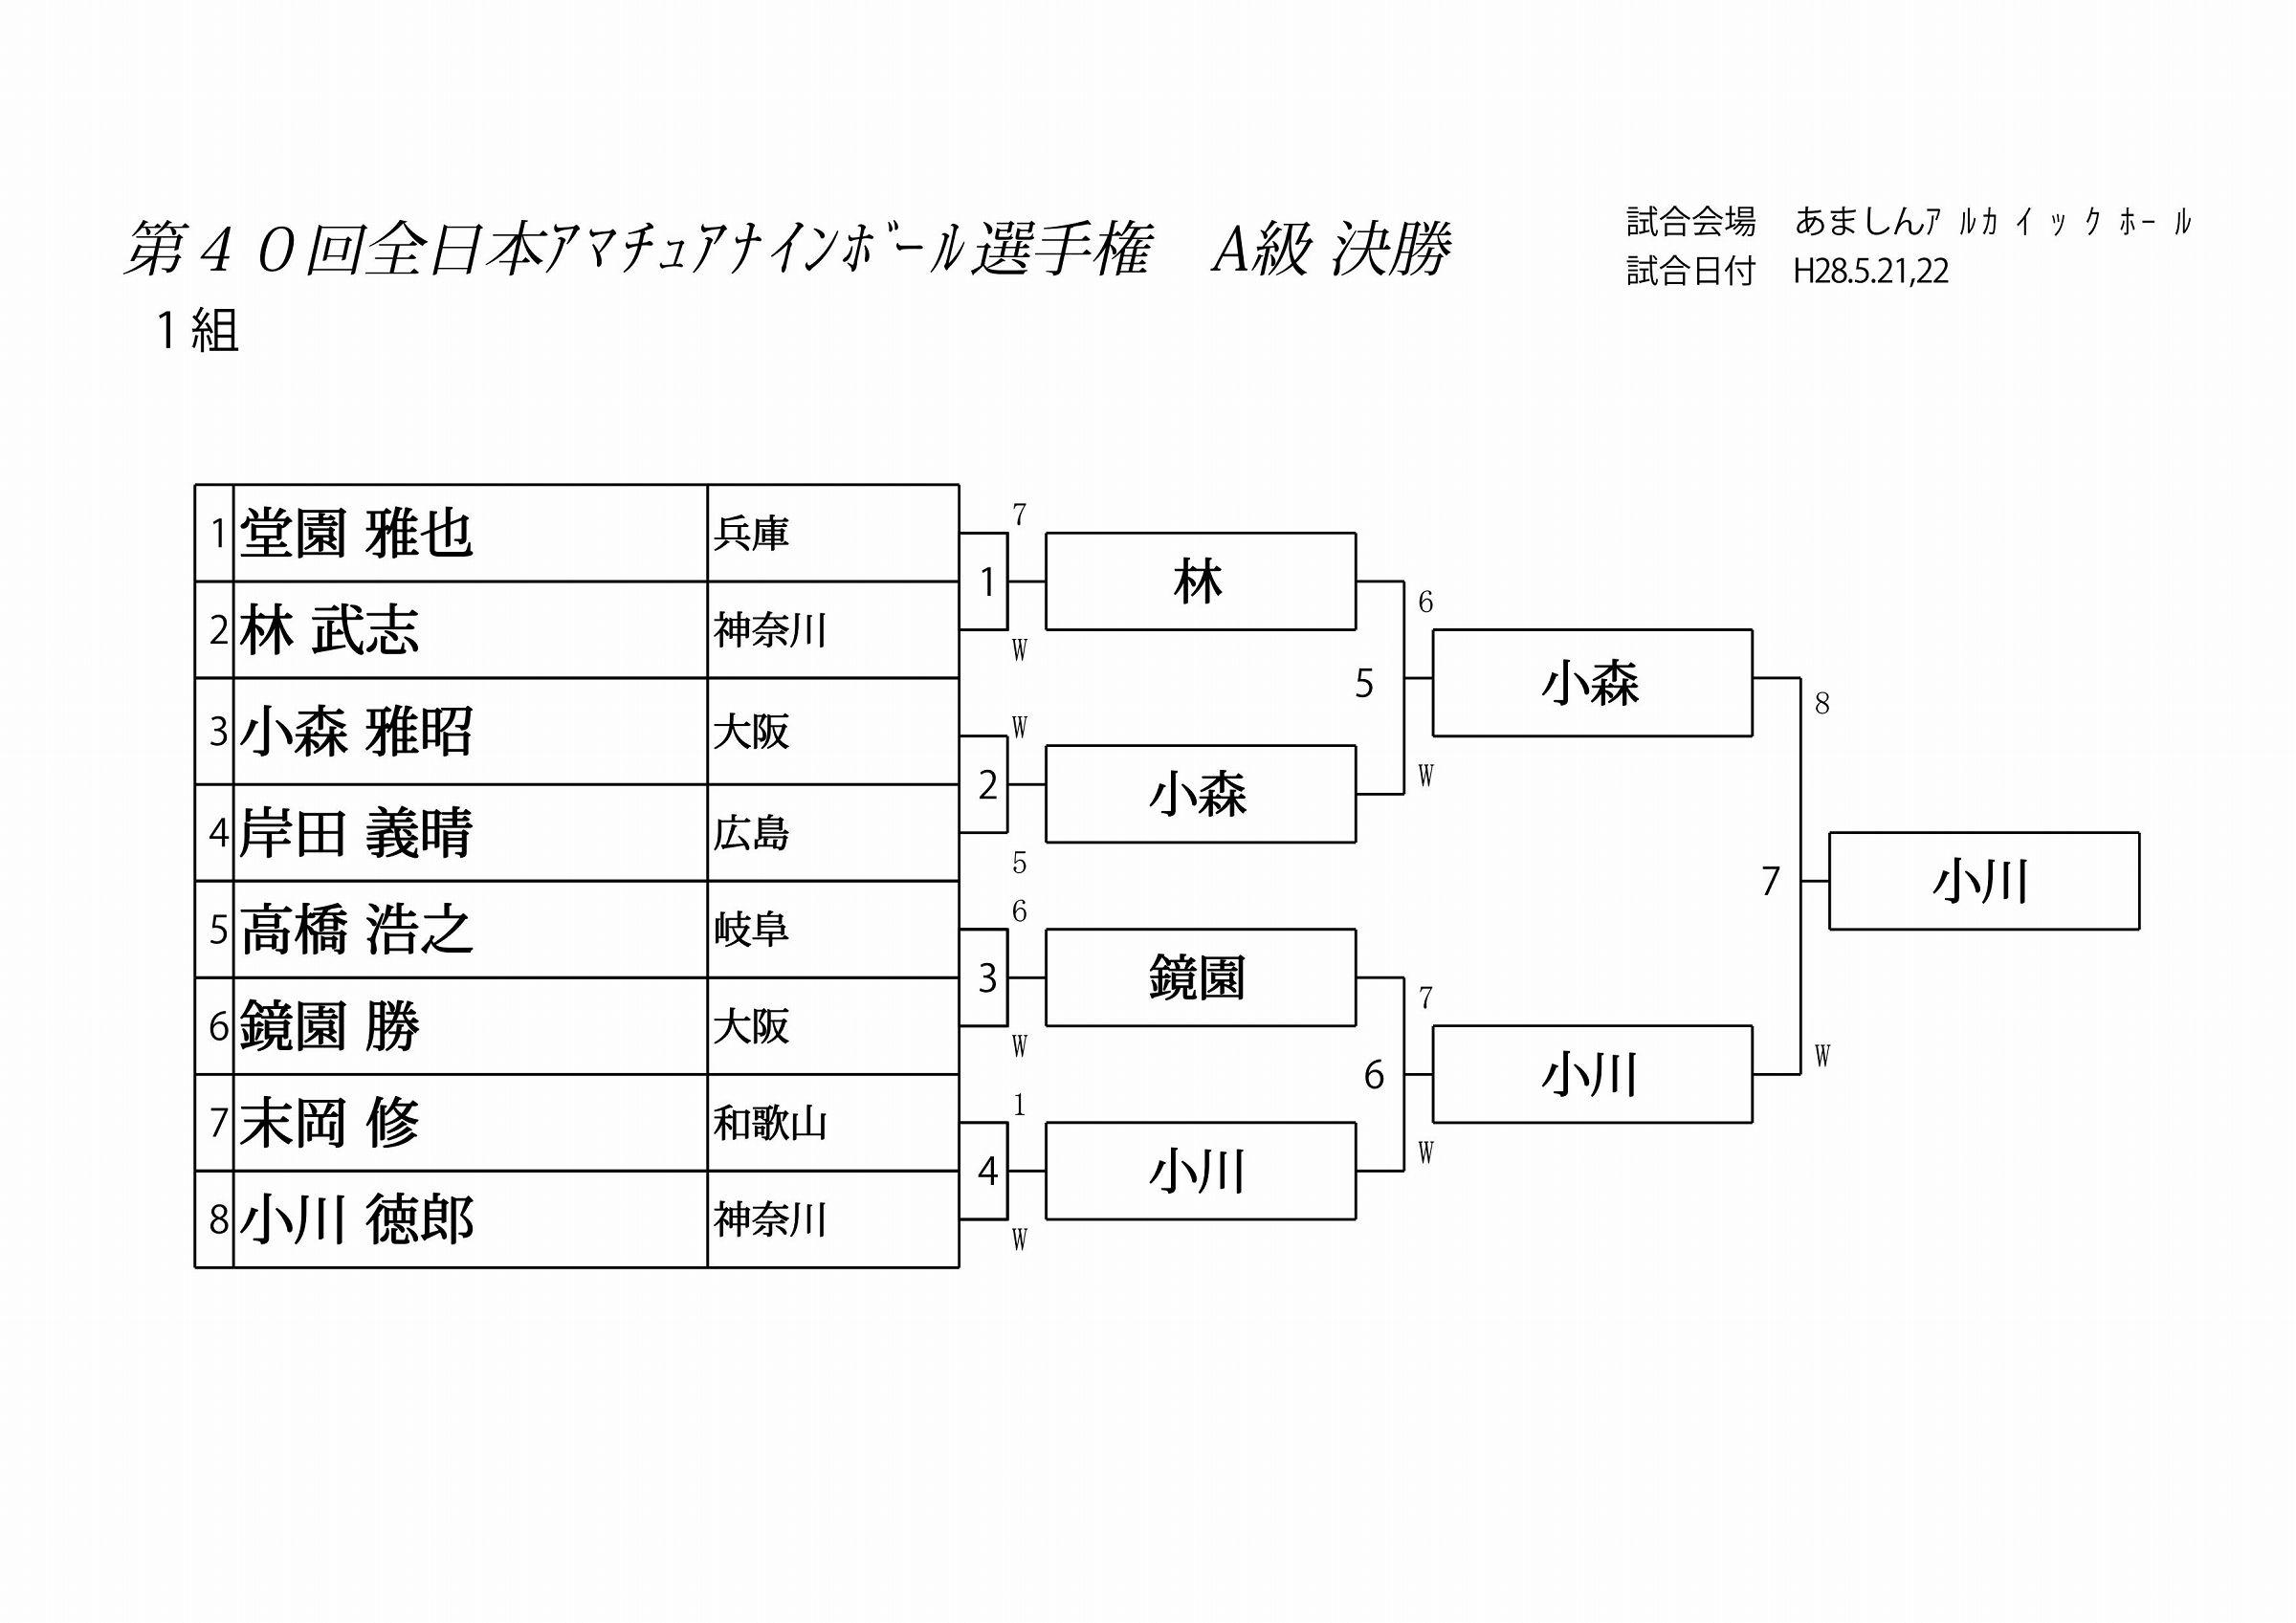 アマナイン2016 A決勝_01